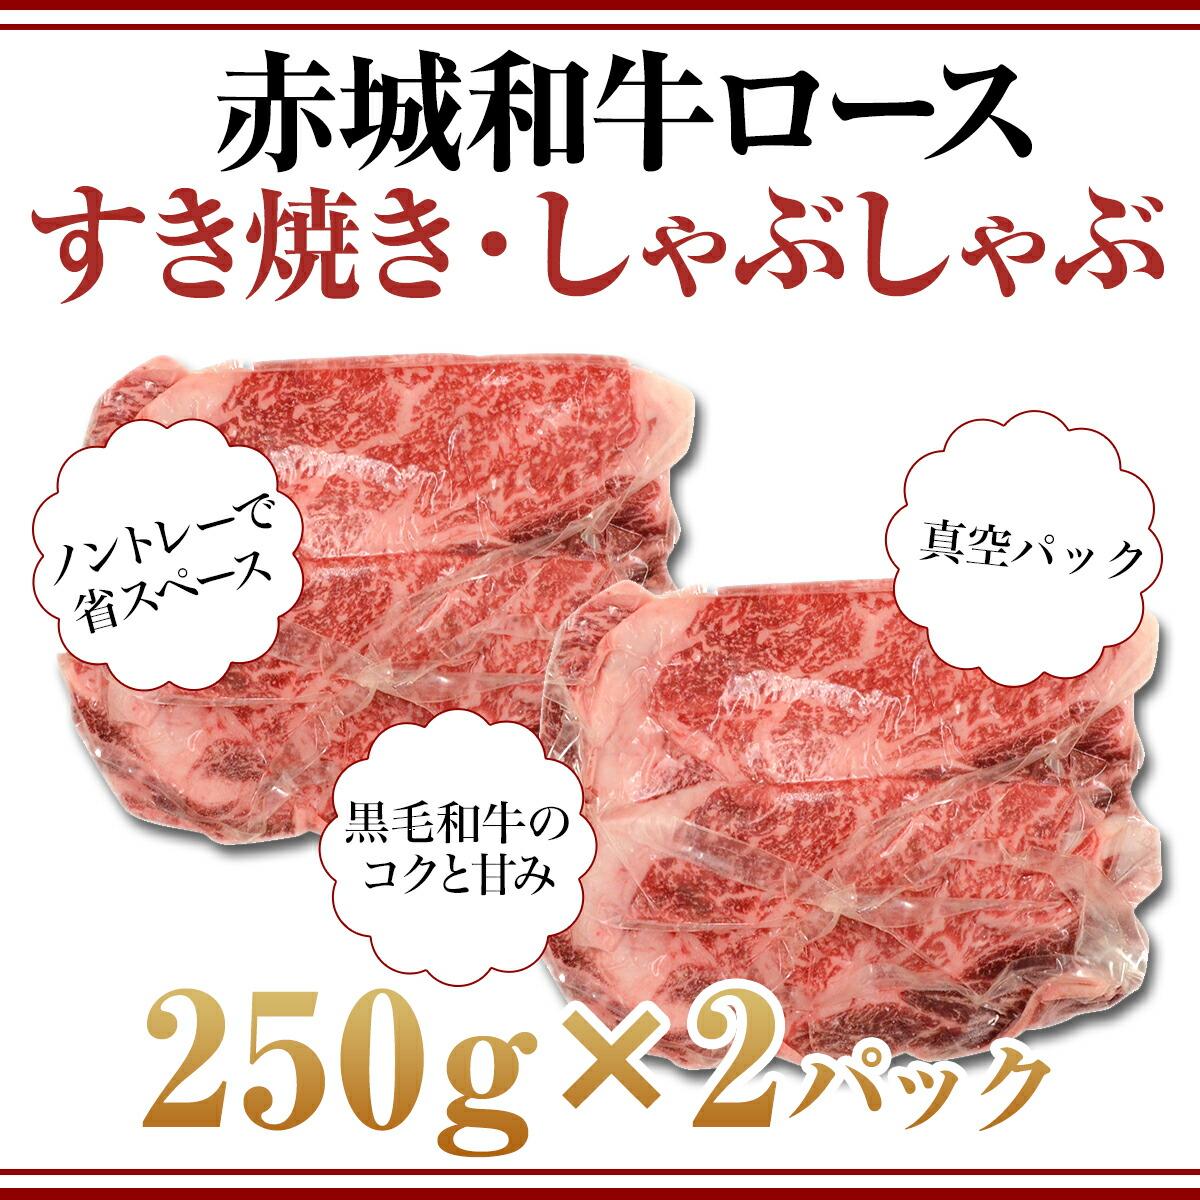 赤城和牛すき焼き・しゃぶしゃぶ